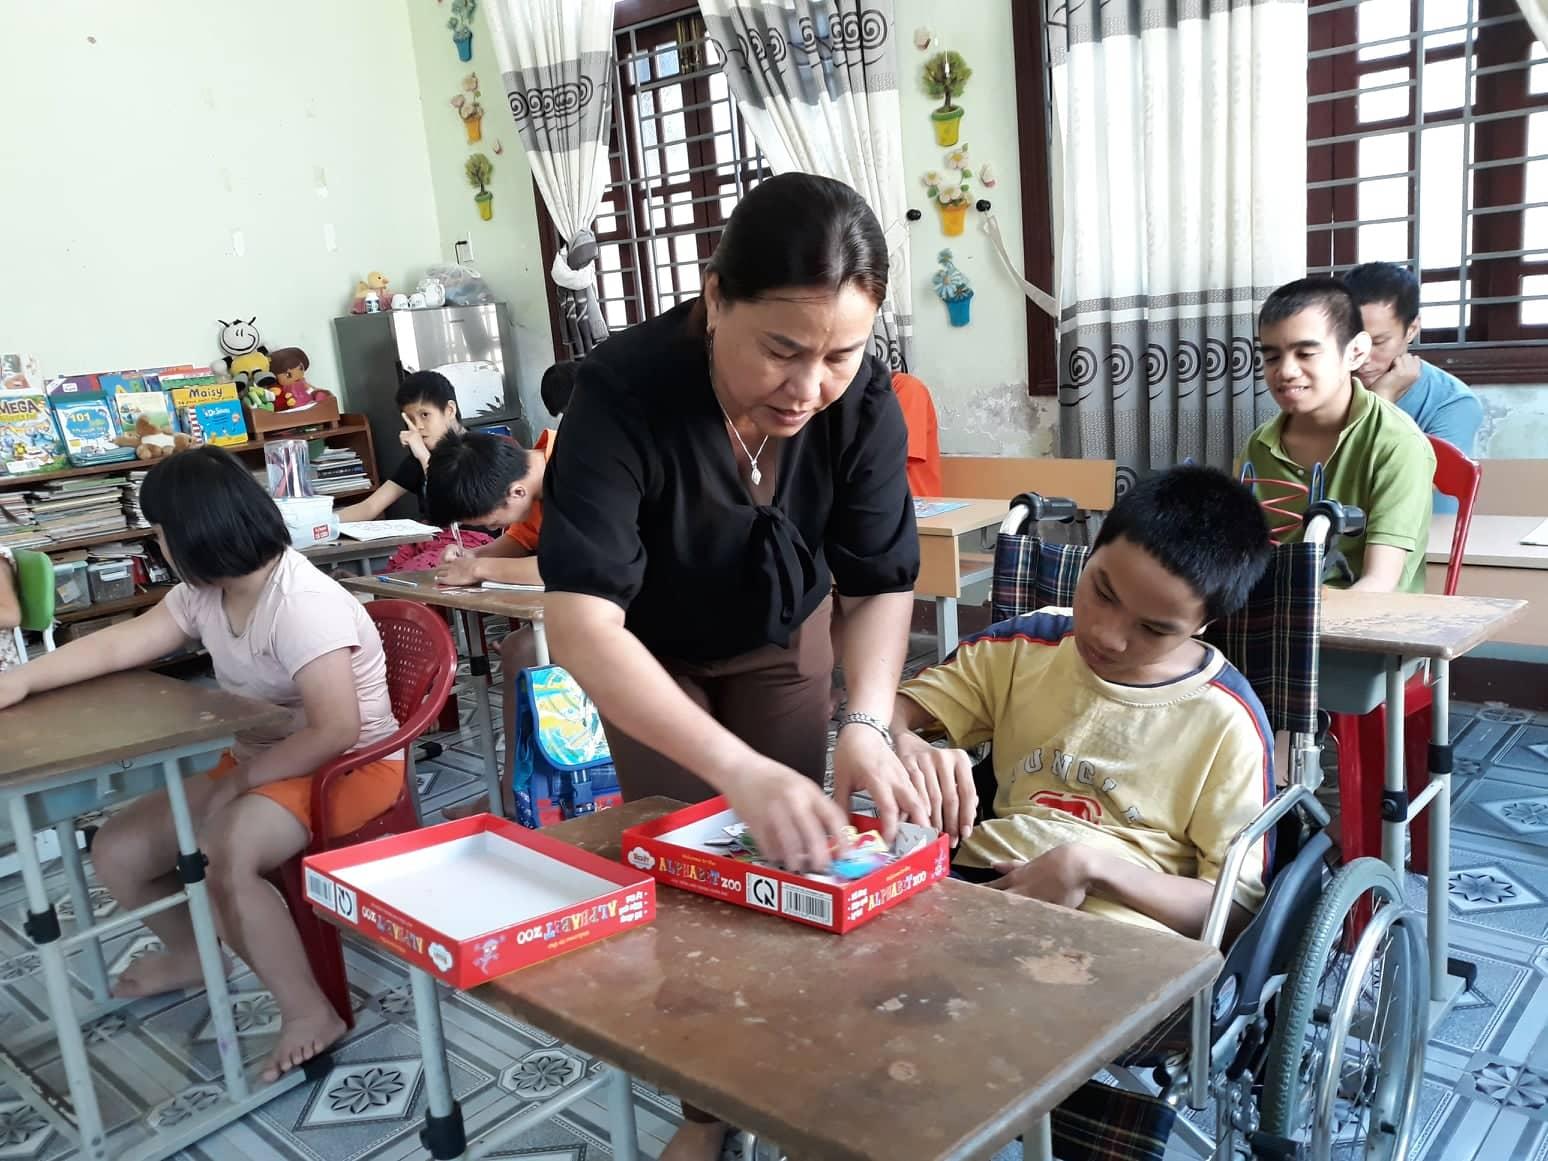 Chăm sóc, dạy dỗ trẻ khuyết tật  là công việc thường ngày của cô Lương Thị Kim Loan. Ảnh C.N